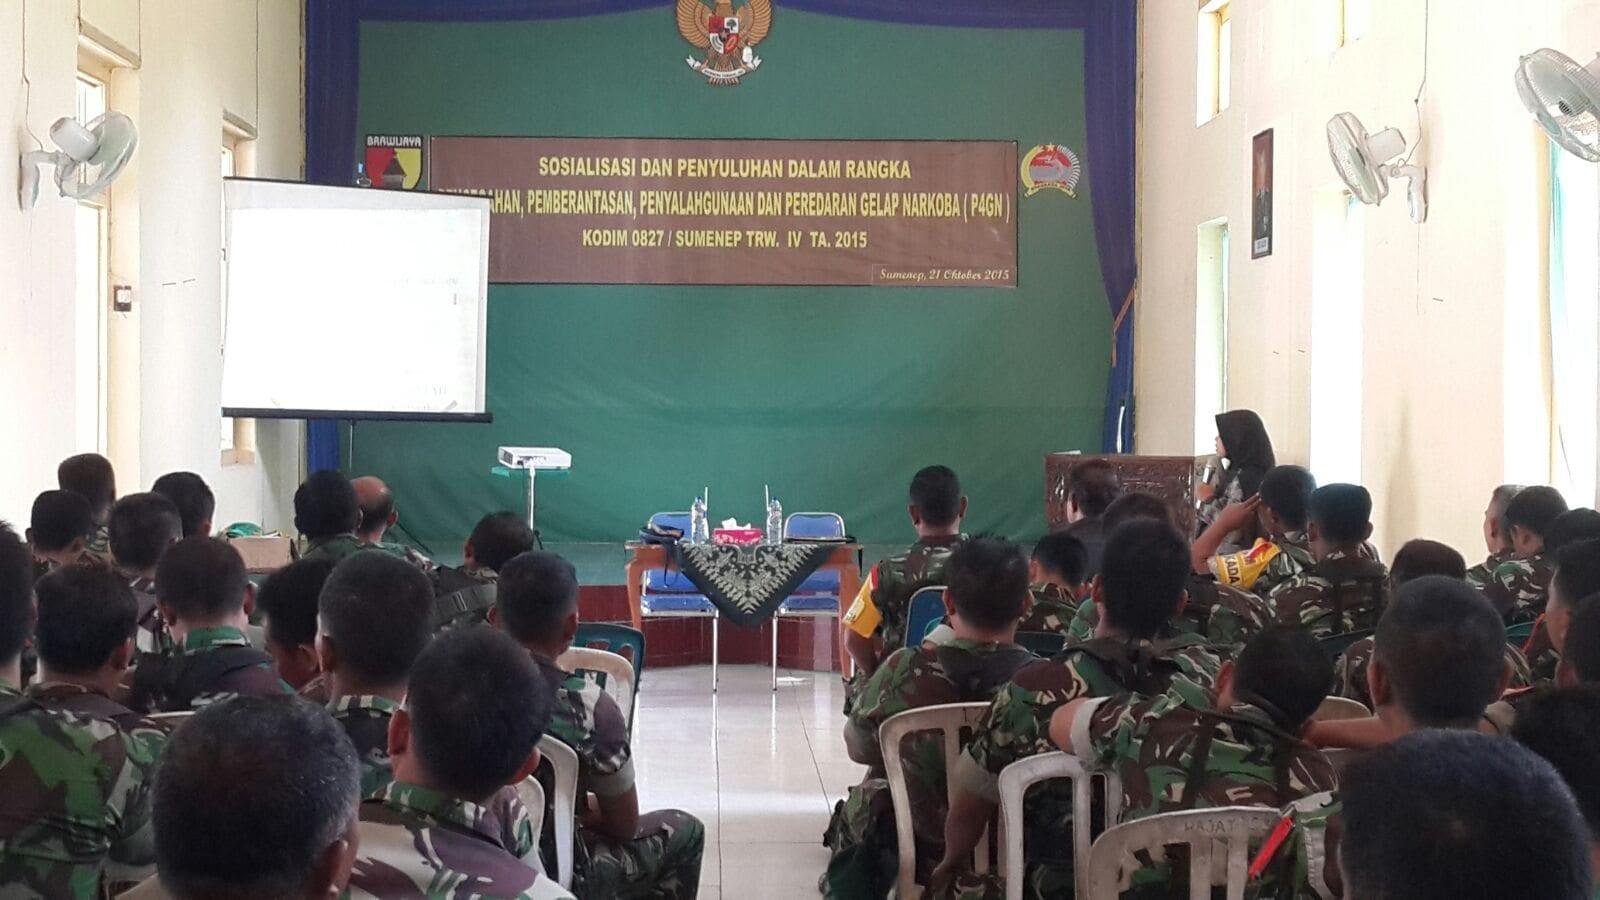 Cegah Anggota TNI Pakai Narkoba, Kodim Sumenep Gelar Sosialisasi P4GN